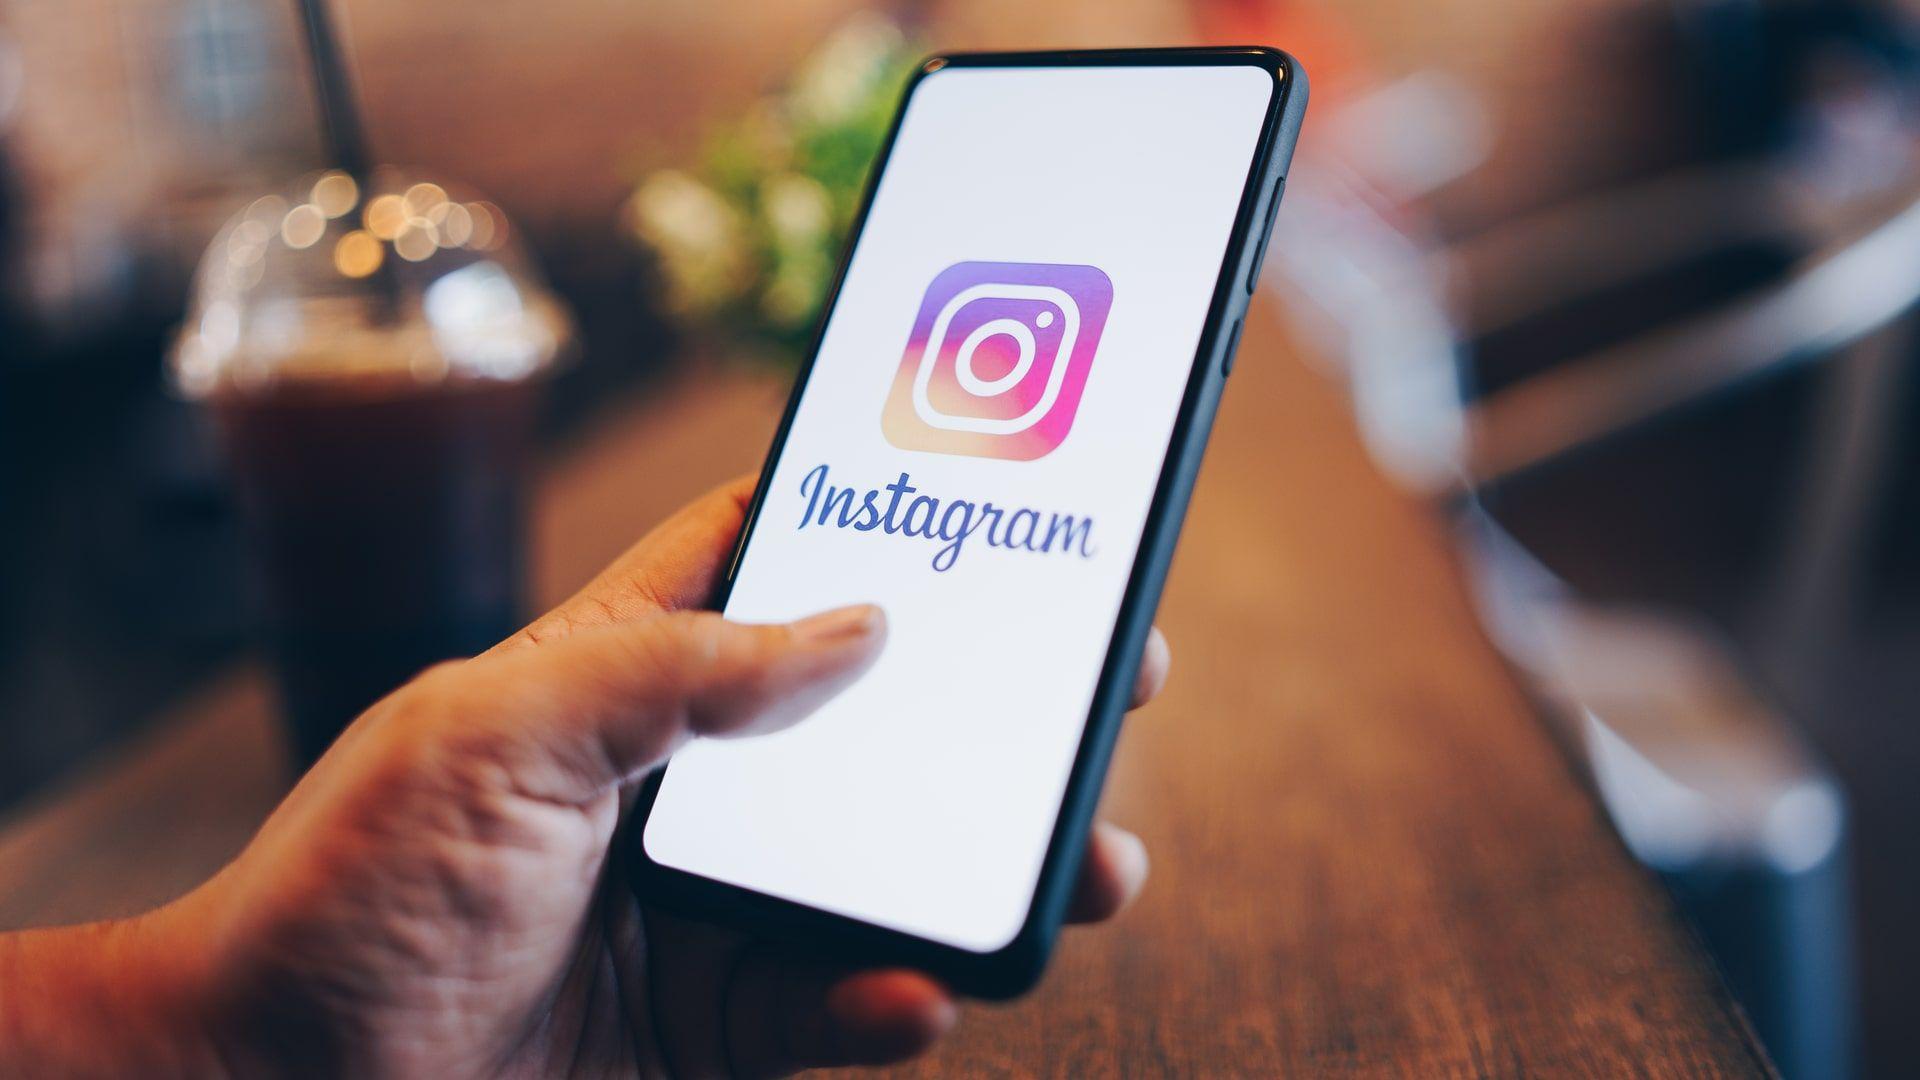 Comprar seguidores no Instagram pode acabar prejudicando seu perfil (Foto: Shutterstock)